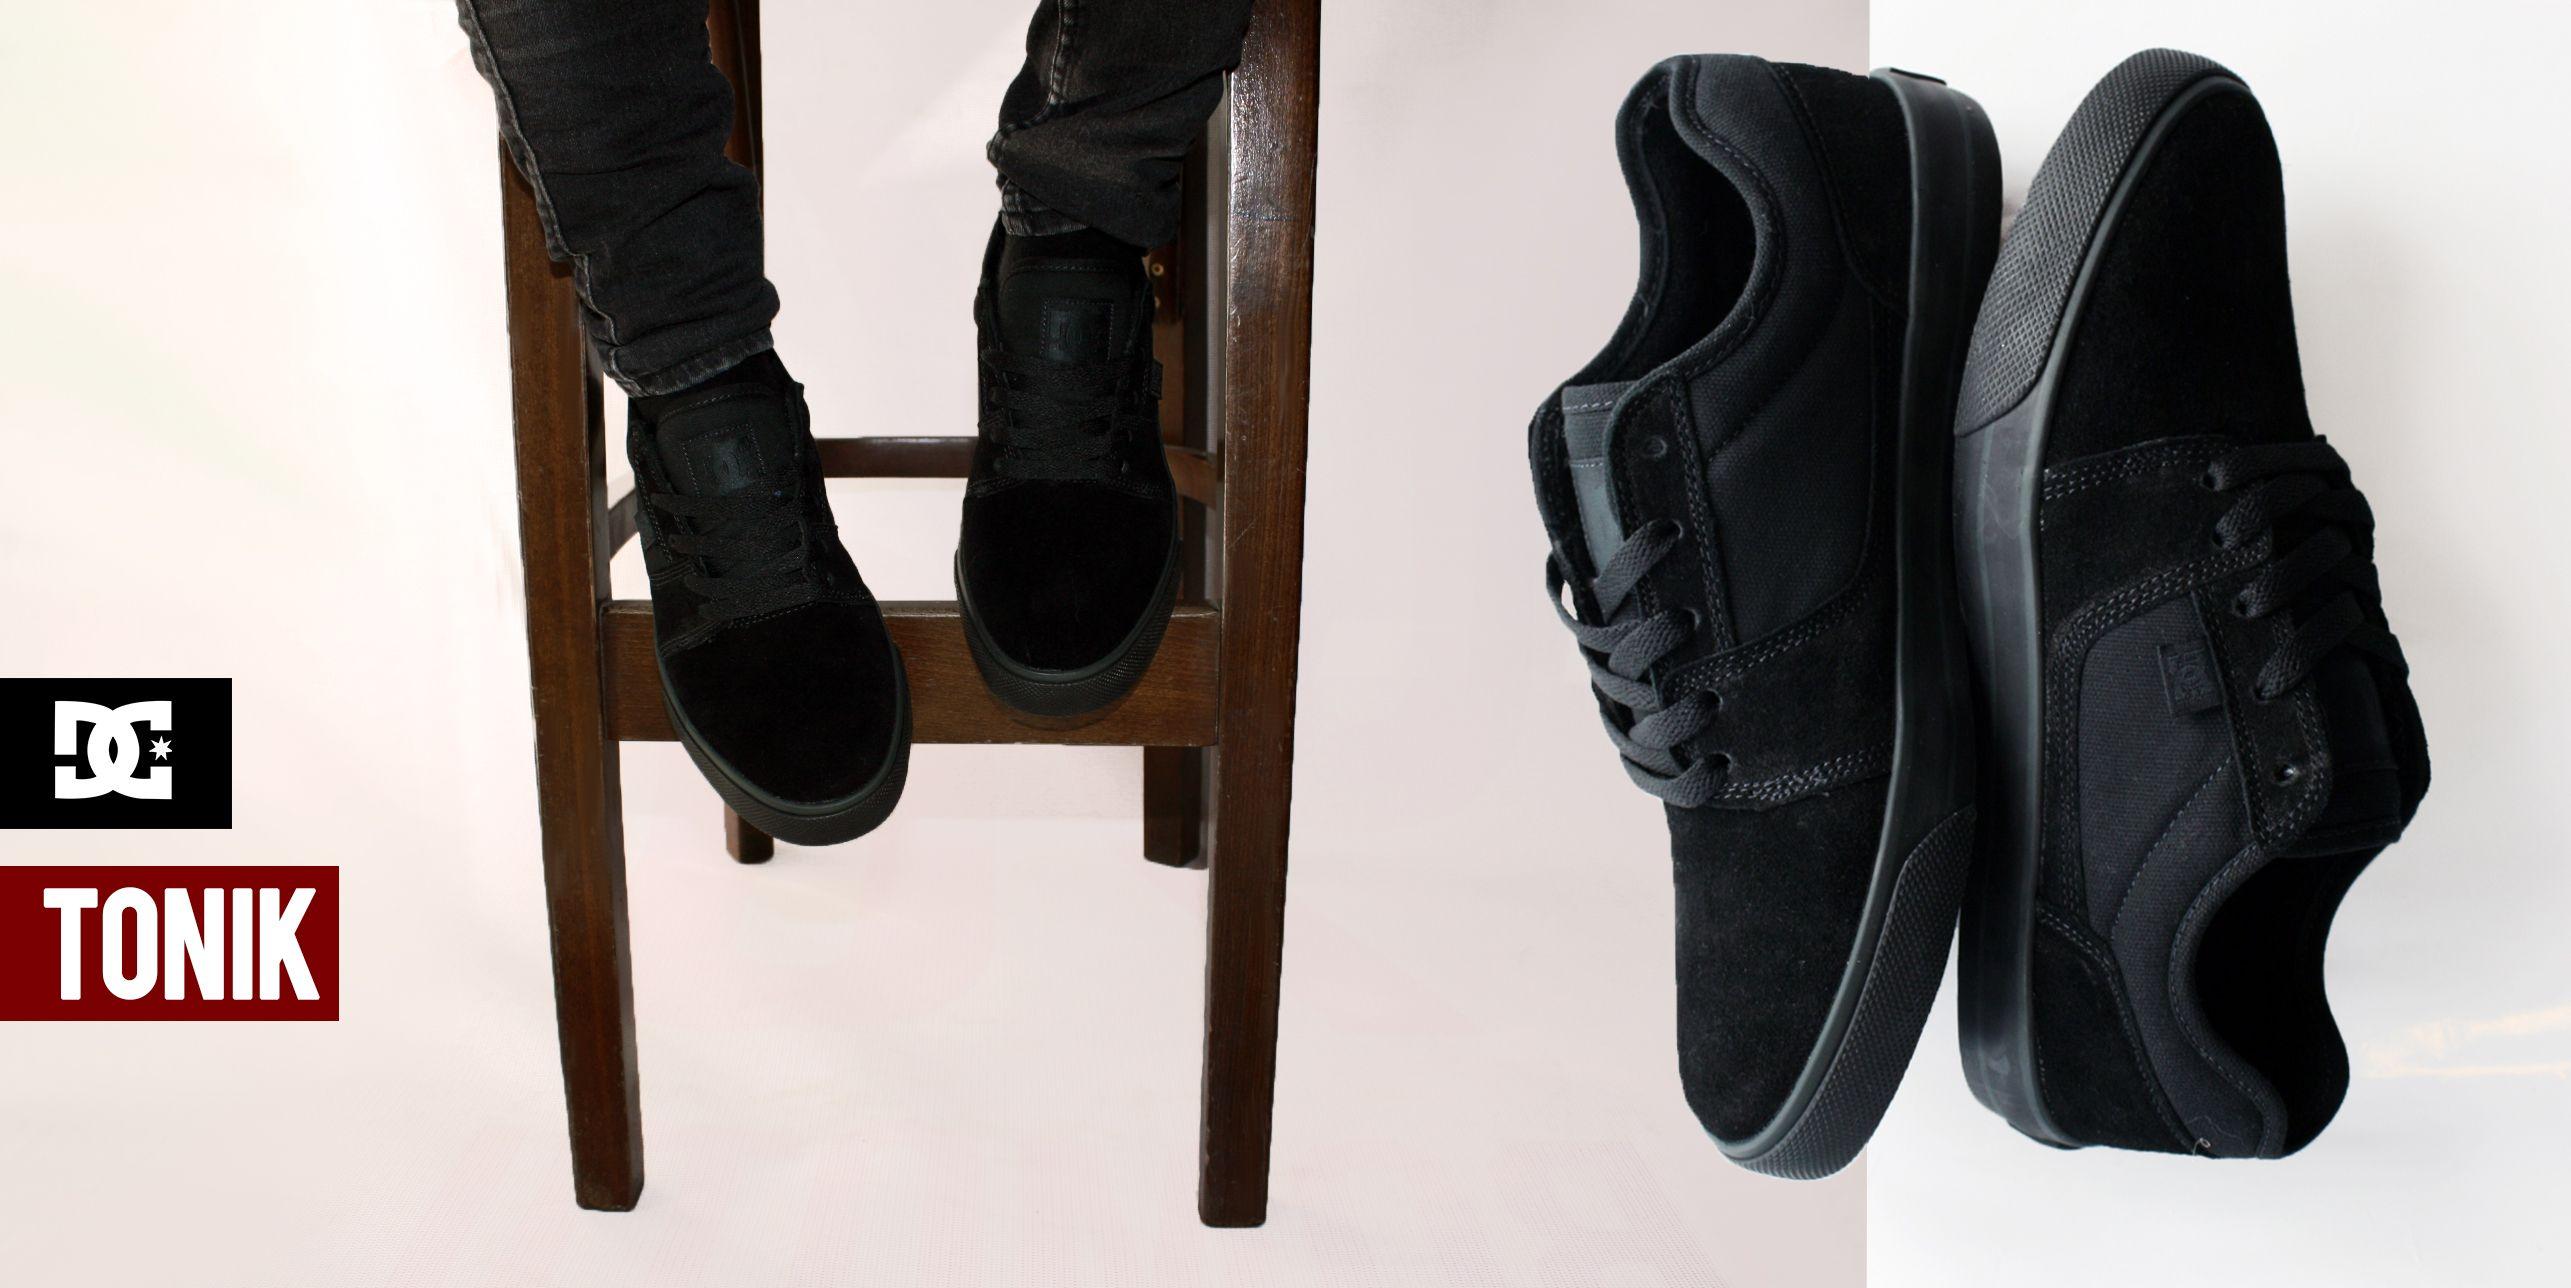 DC Tonik Black/Black | Dc skate shoes